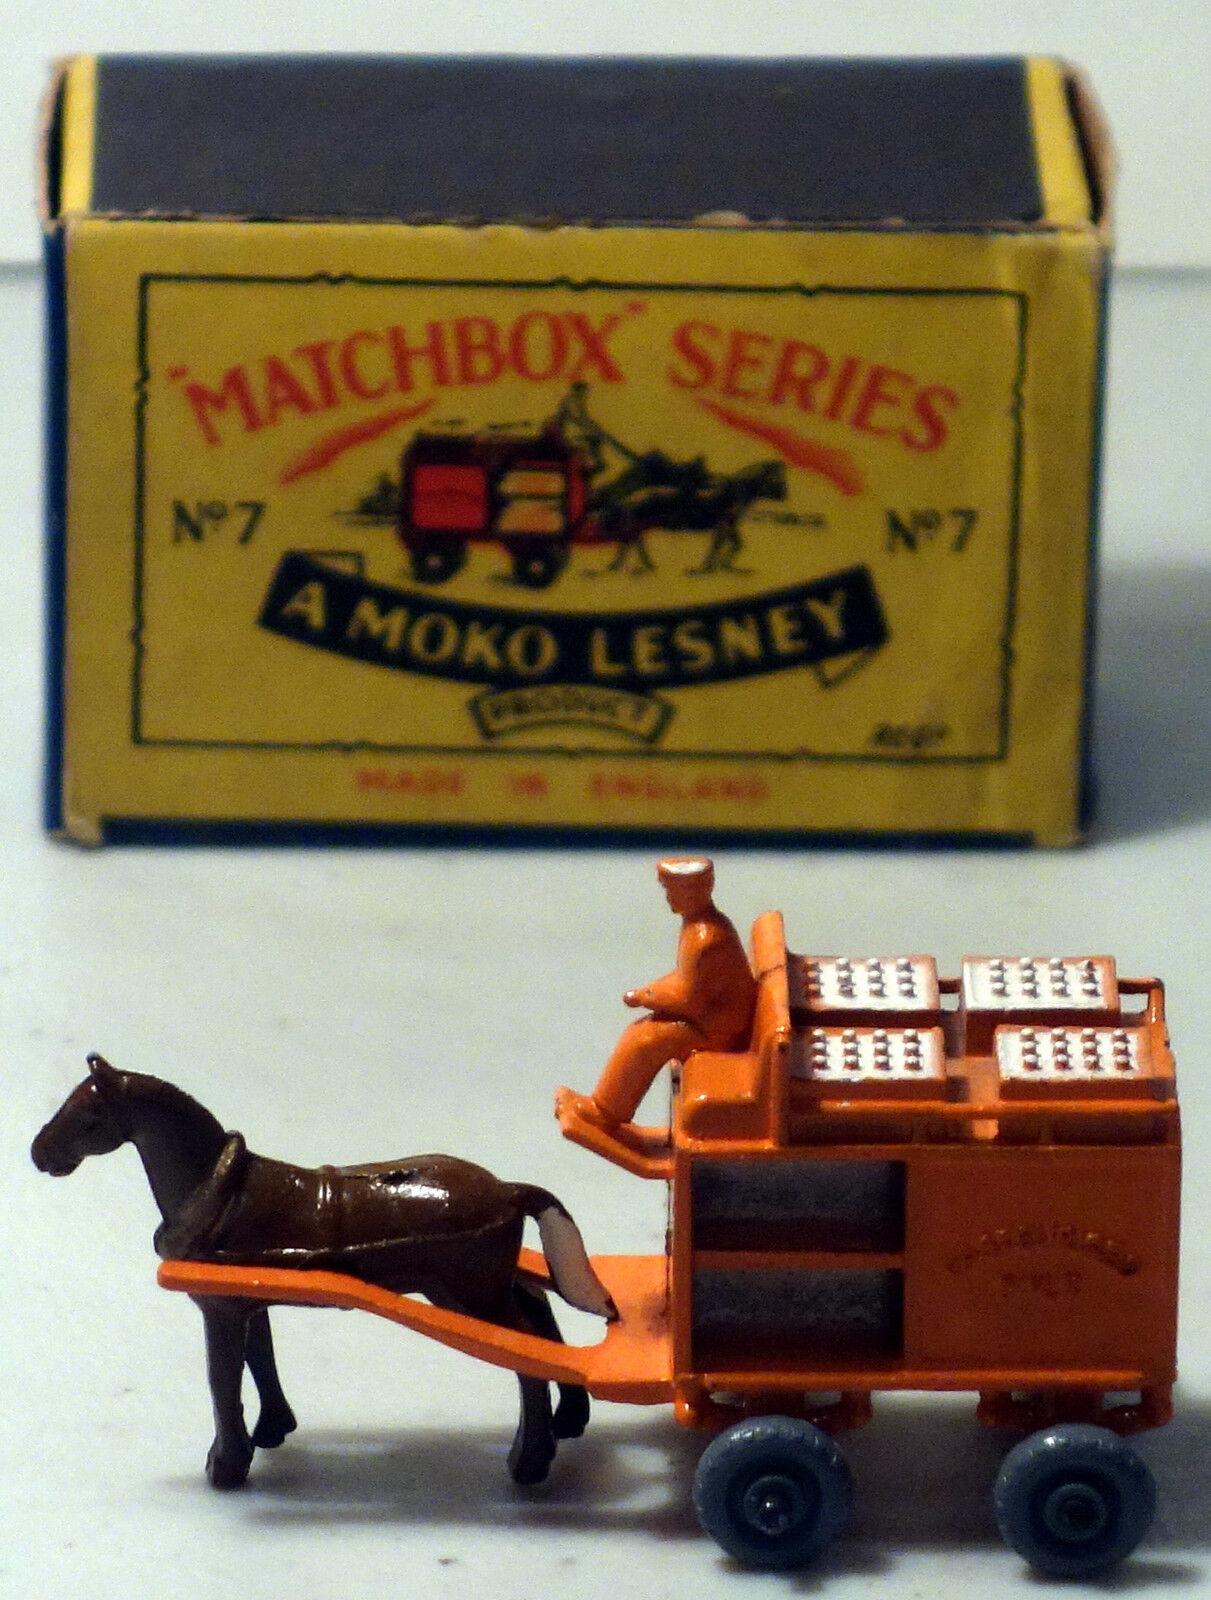 orden ahora disfrutar de gran descuento DTE Moko Lesney Matchbox Ruedas regulares 7-1 7-1 7-1 teniente Org caballo Dibujado leche Flotador GPW  comprar ahora